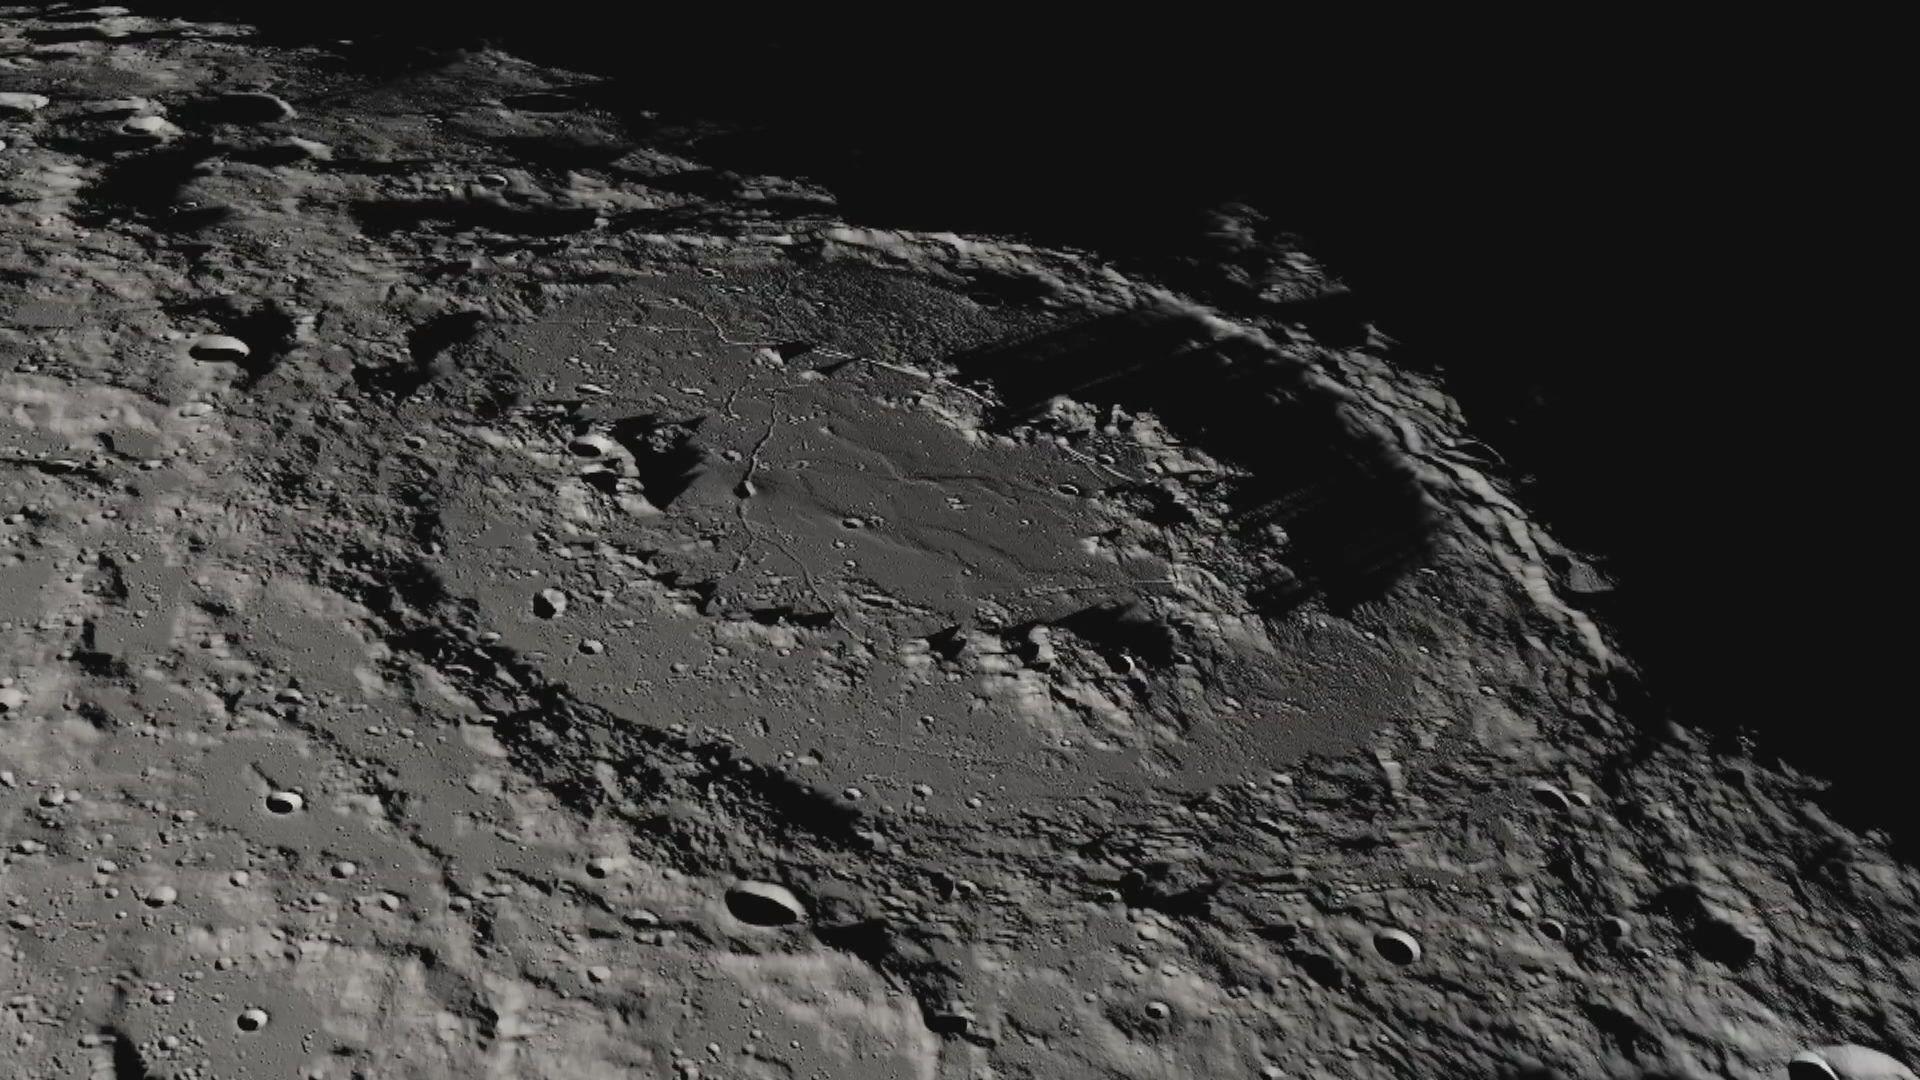 【首次發現】月球被陽光照射的表面證實有水存在